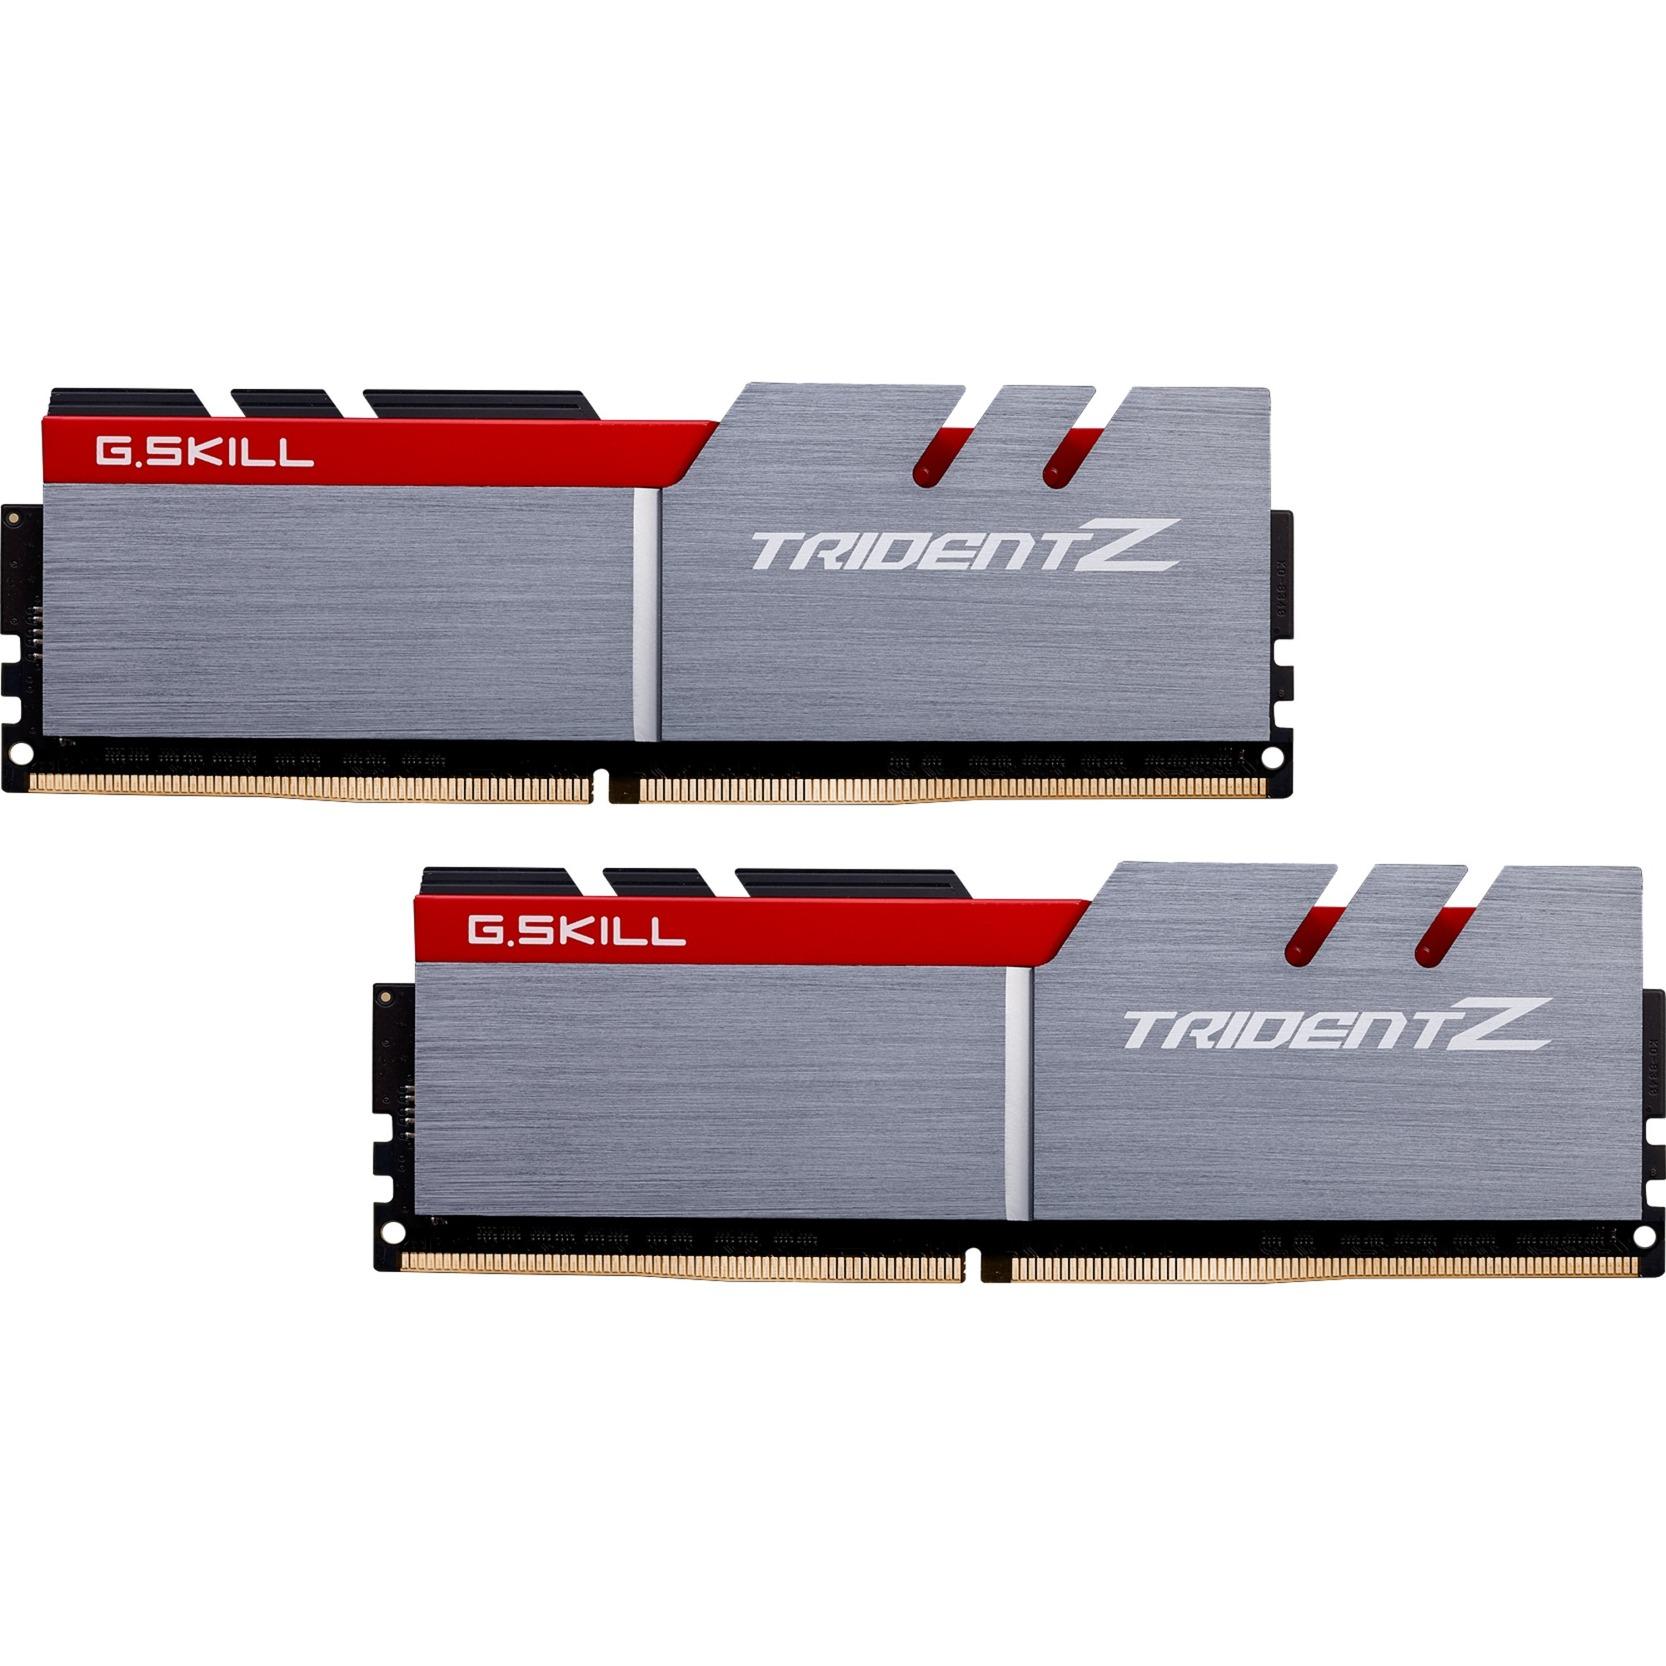 Trident Z 16GB DDR4 16Go DDR4 4133MHz module de mémoire